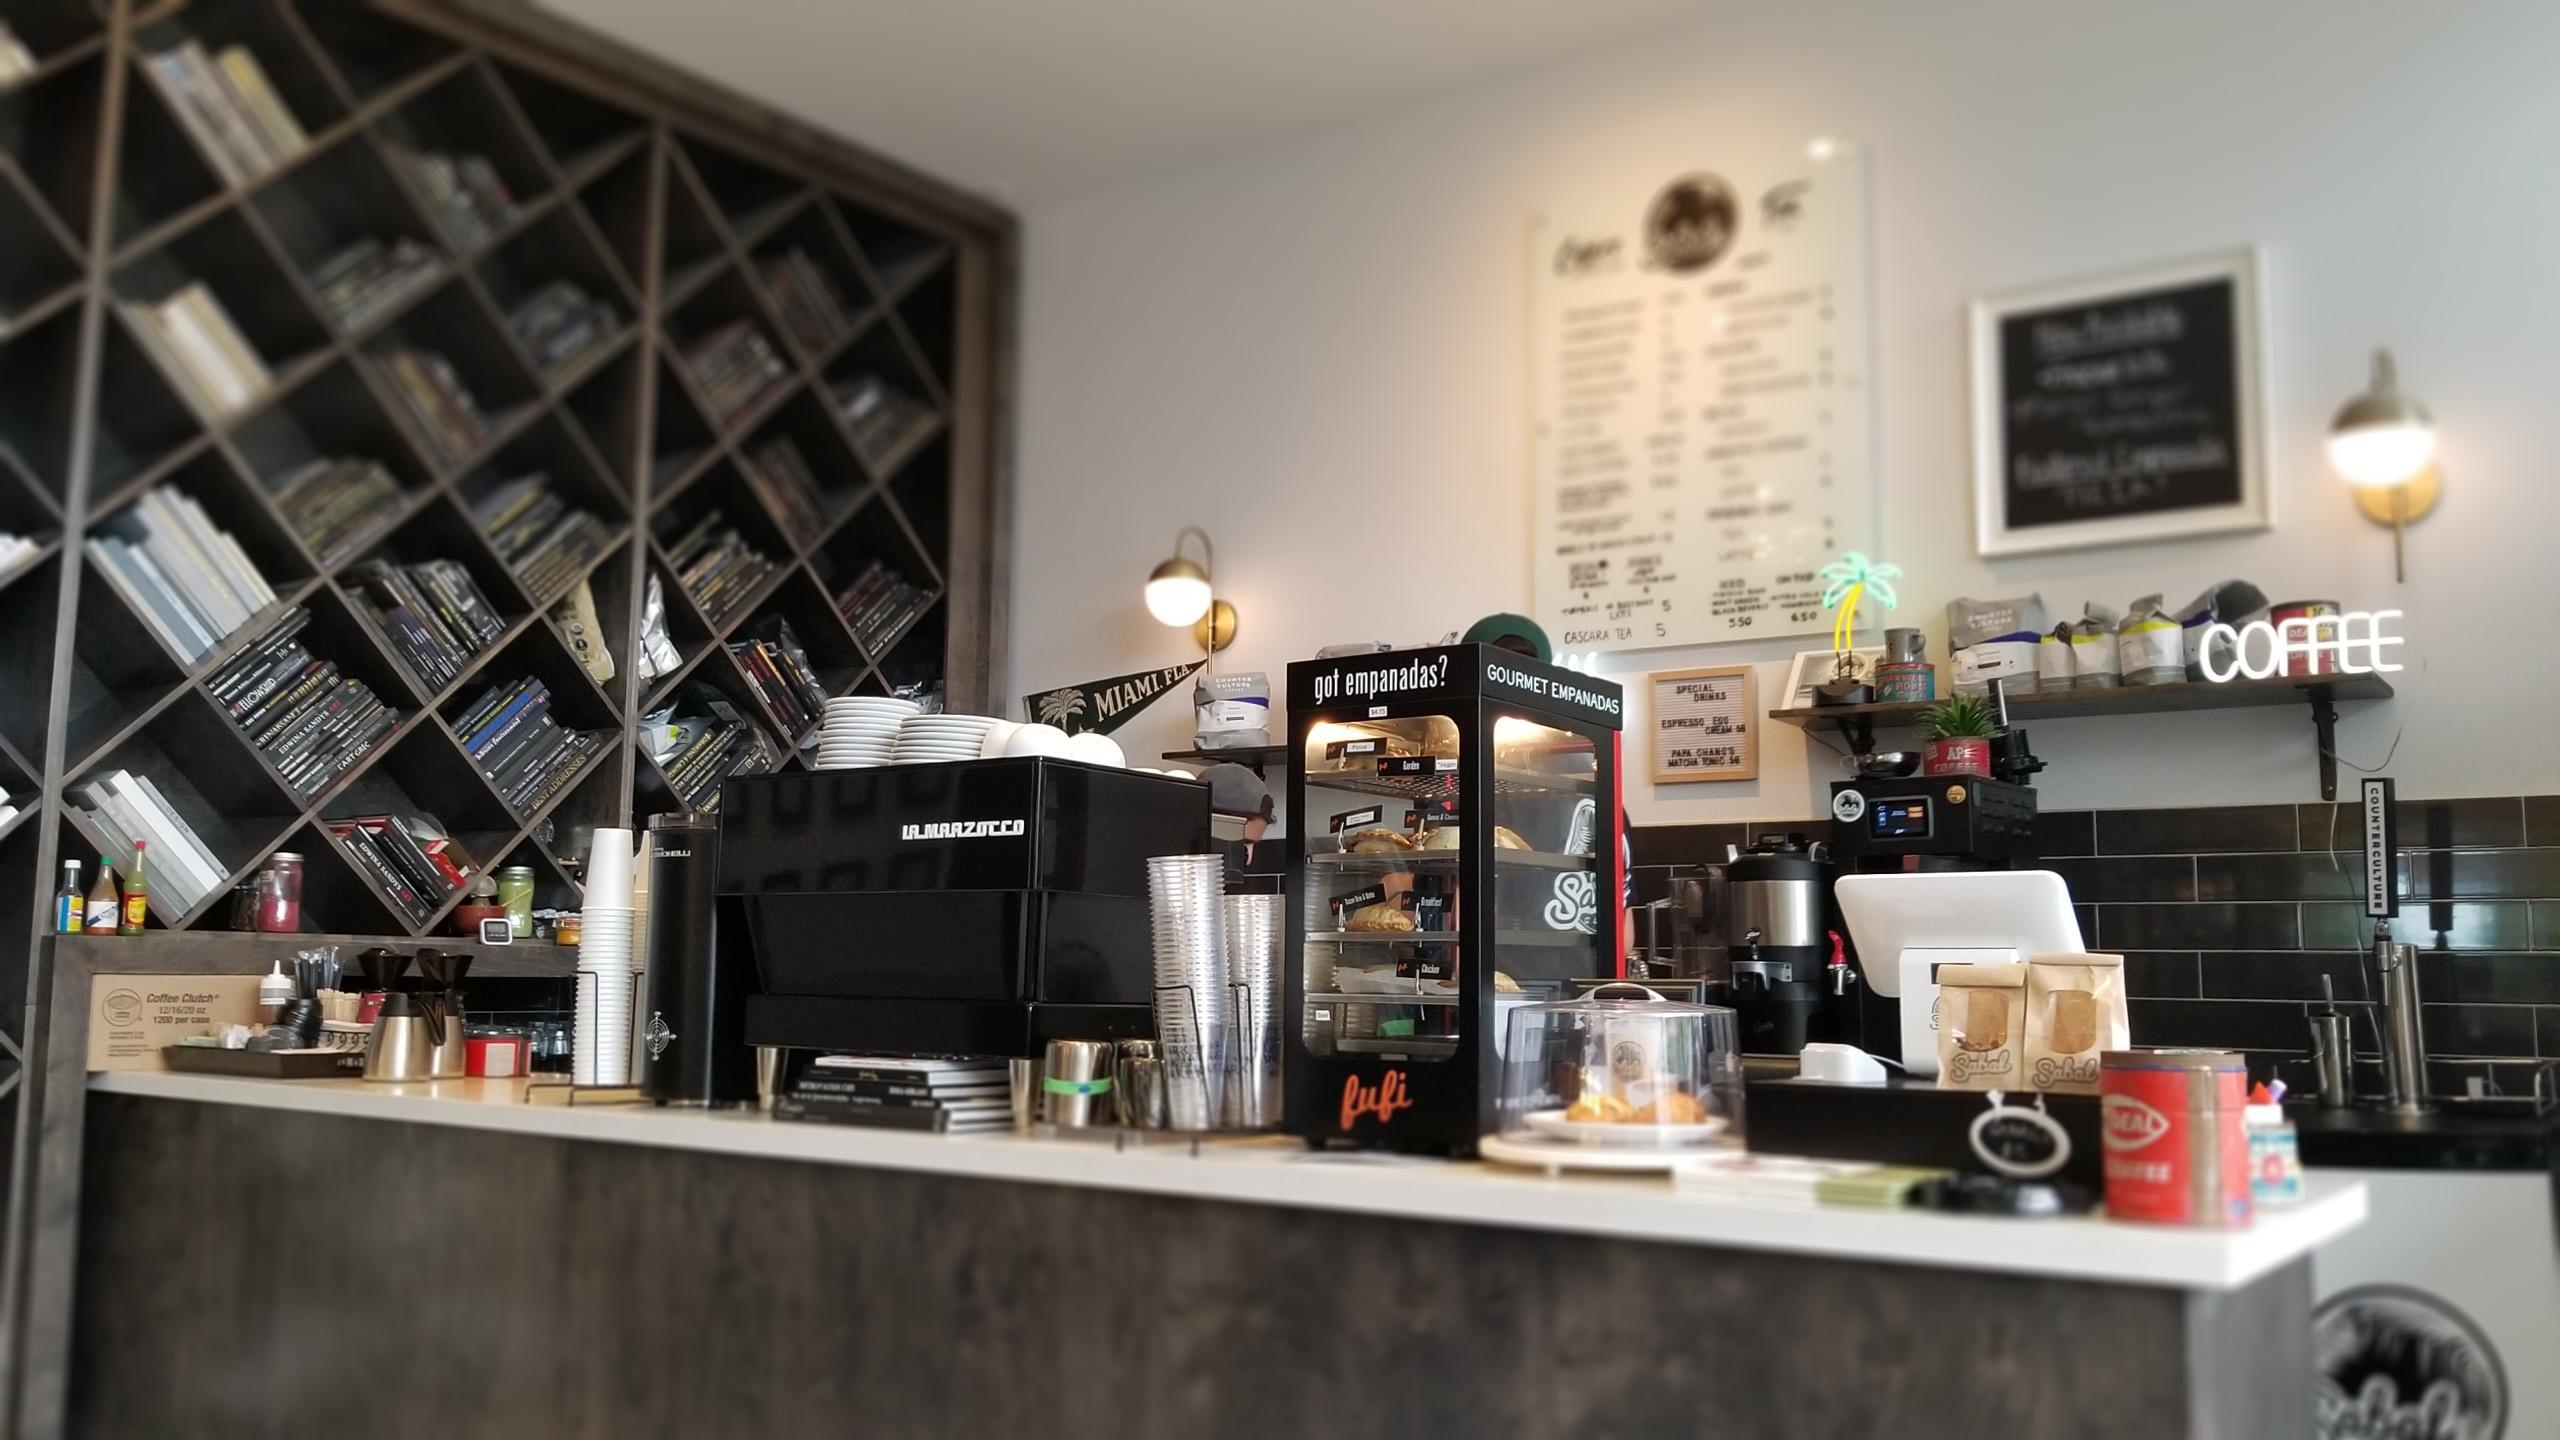 st roch coffee